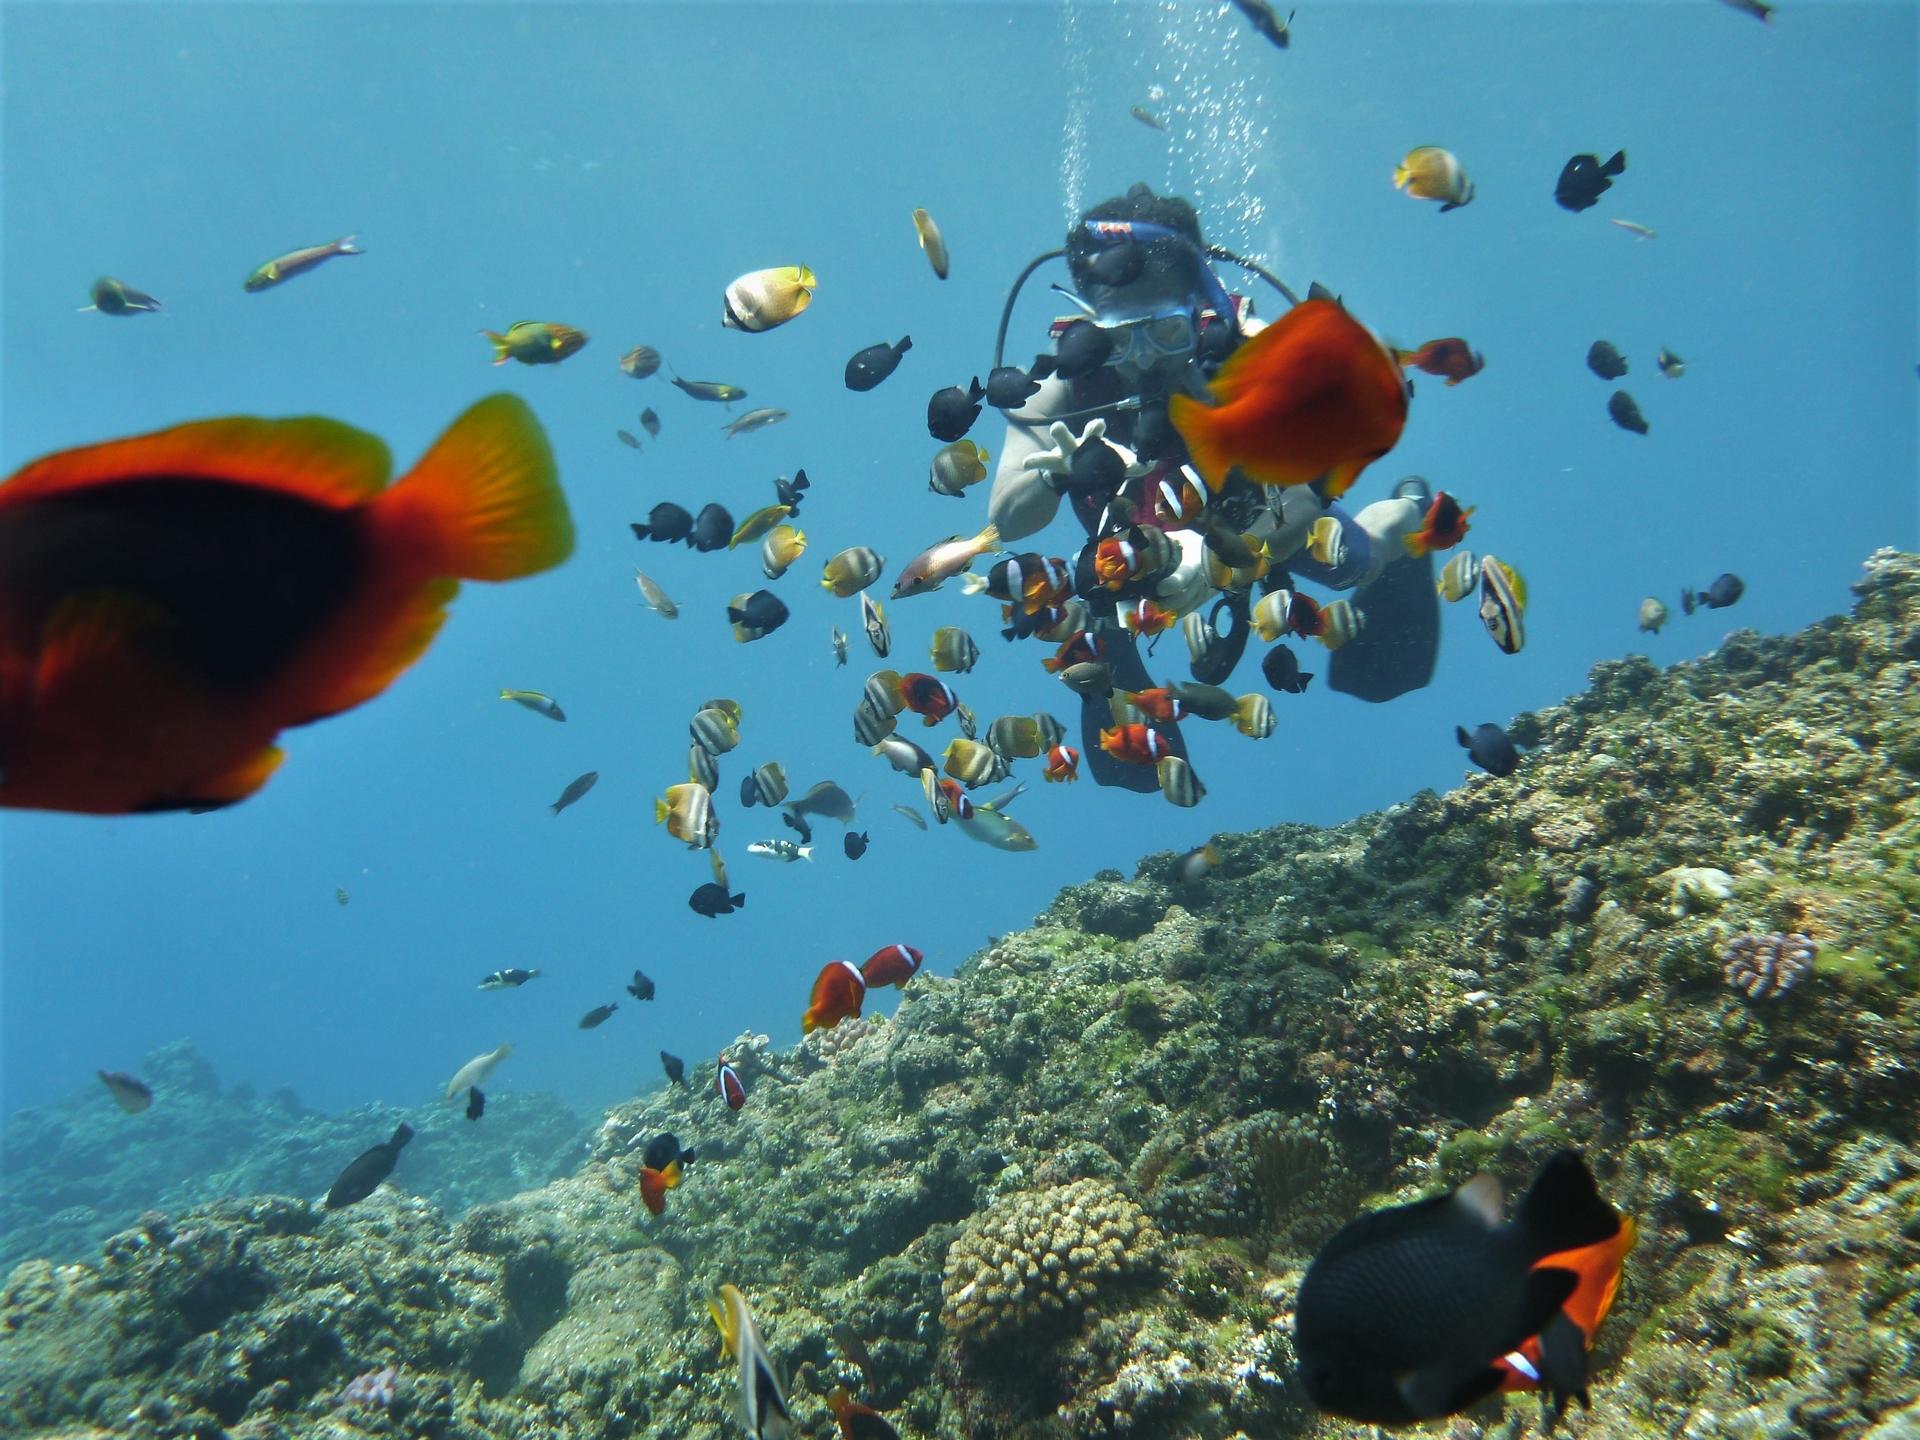 蘭嶼的海底生態。攝影:杜銘章